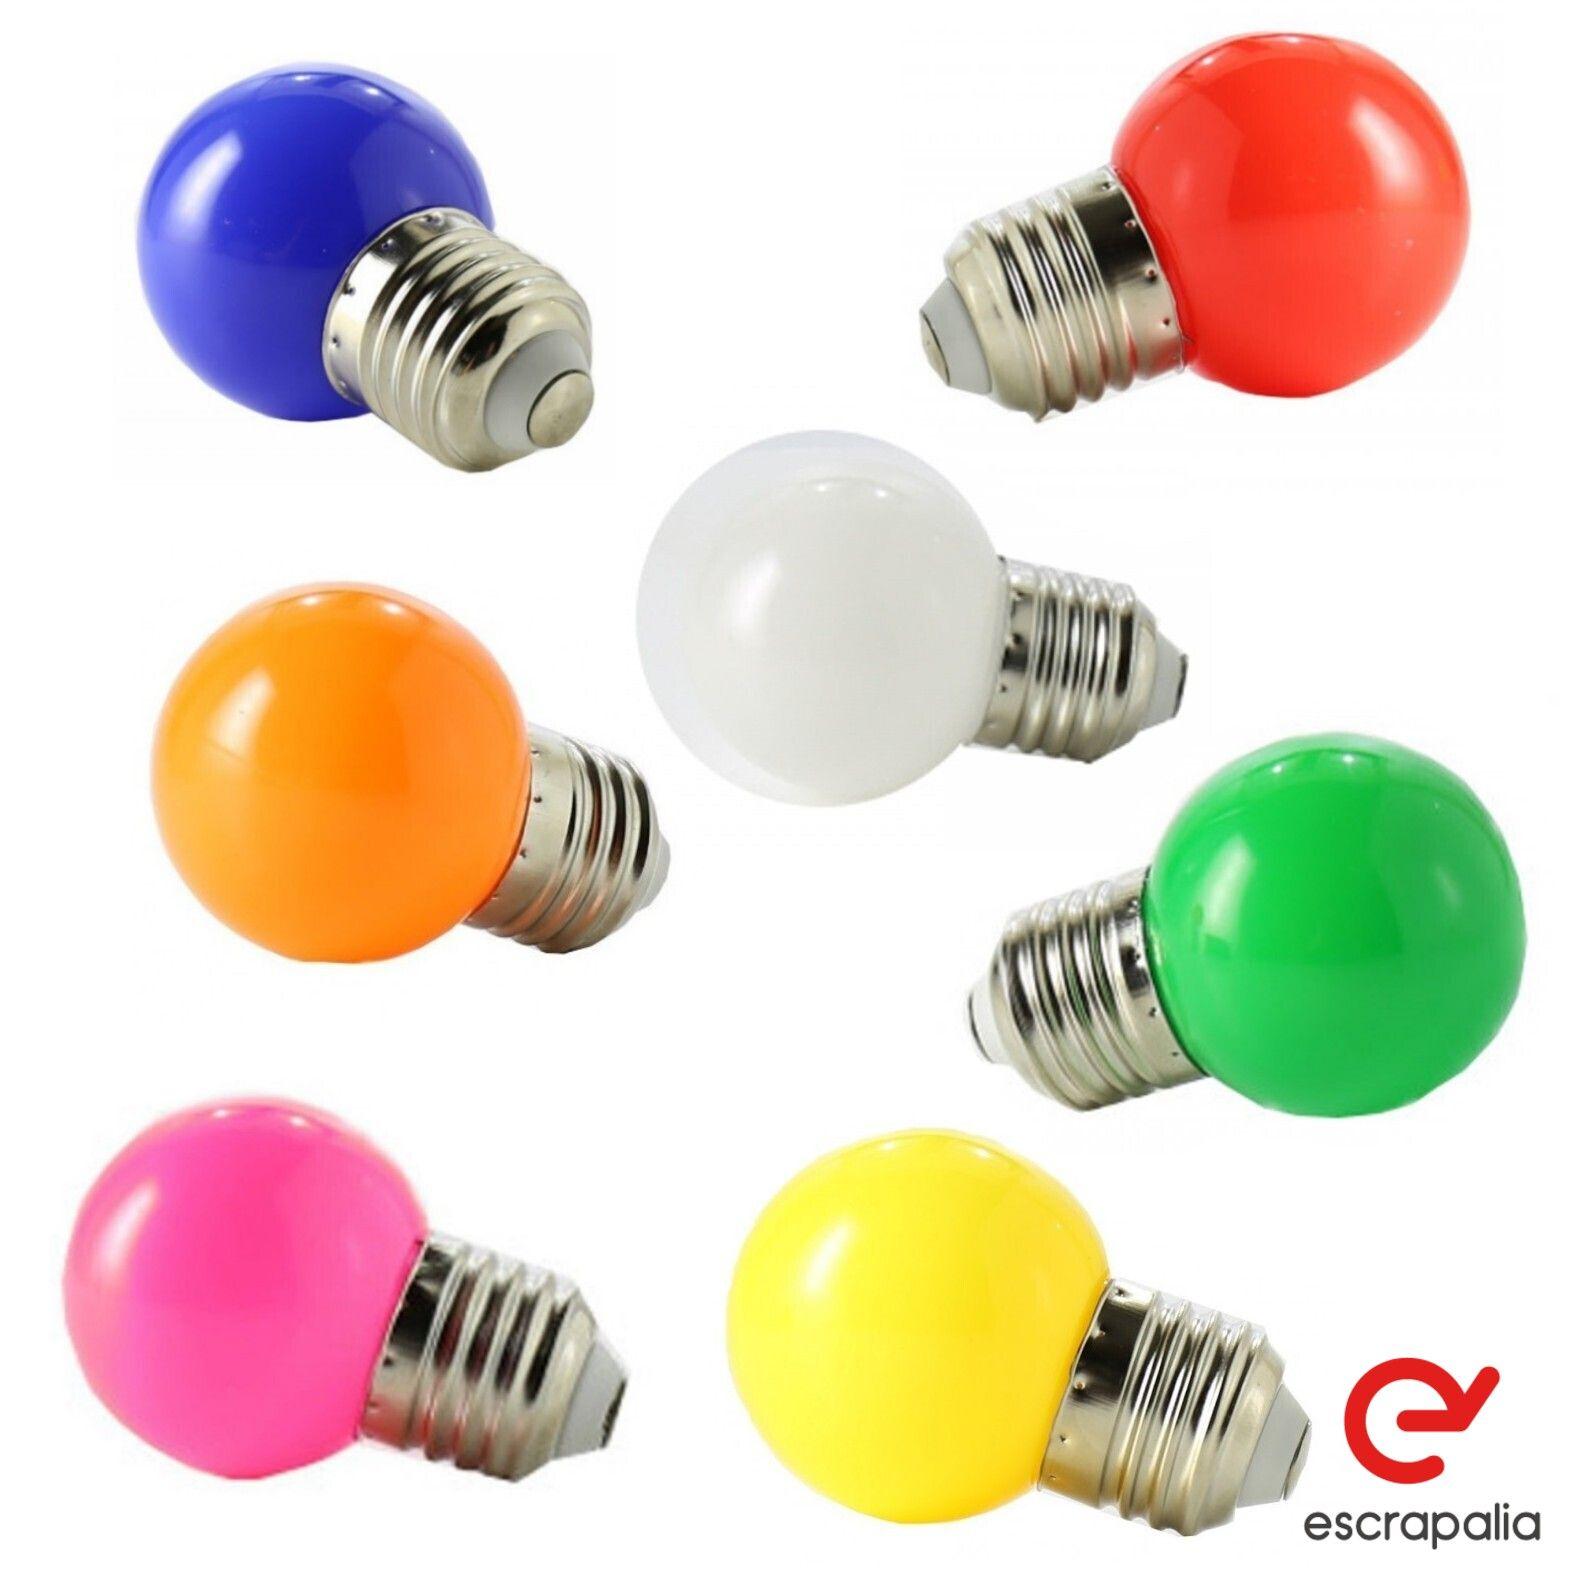 50 Einheiten dekorative LED-Lampe E27 1W sphärisch verschiedene Farben (neu)